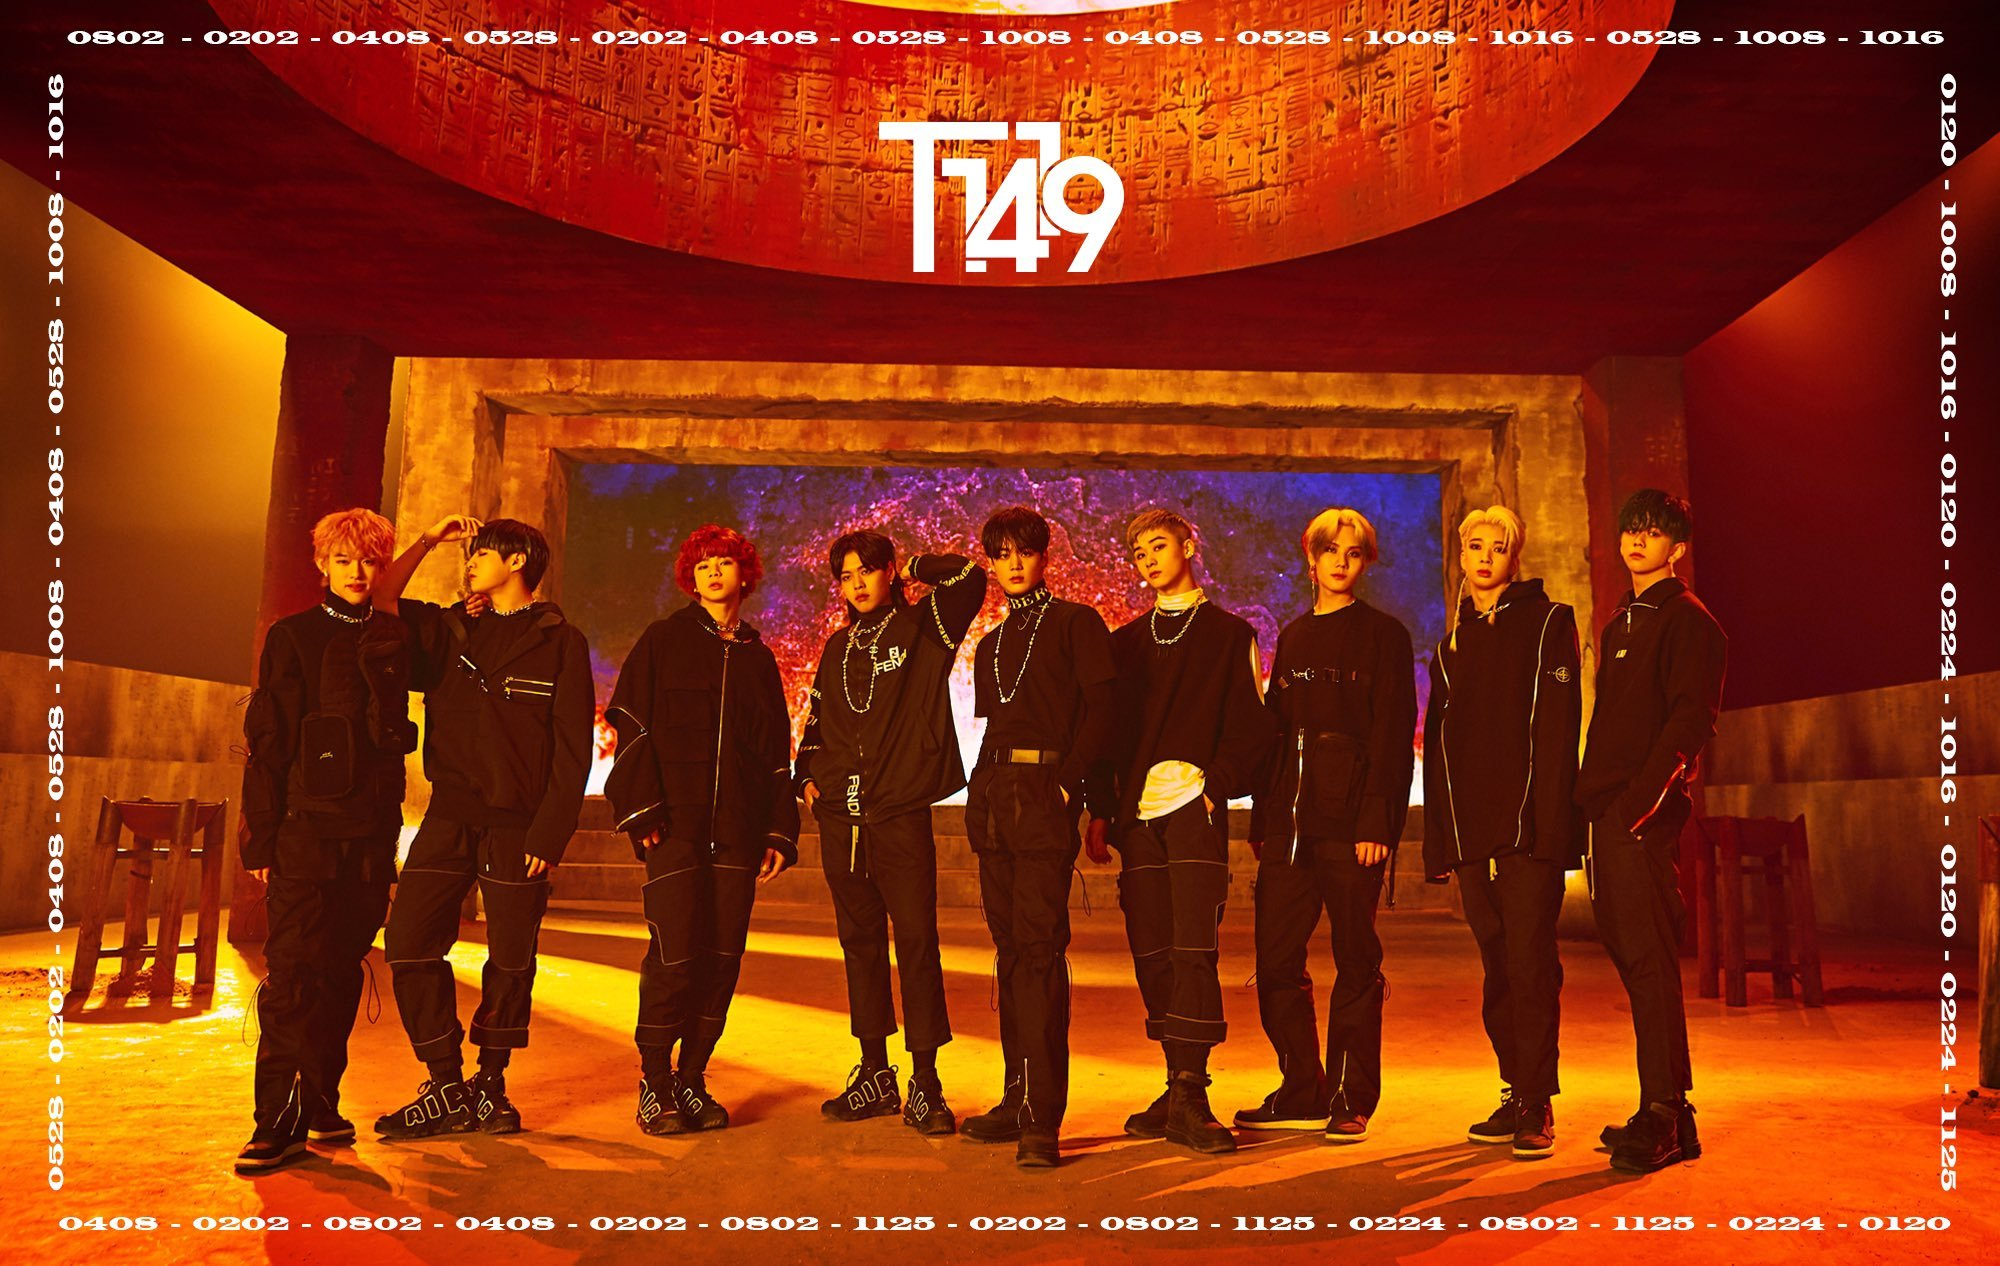 竞争太激烈!2021年这20个韩国新偶像团要出道,你看好哪一团呢?插图10